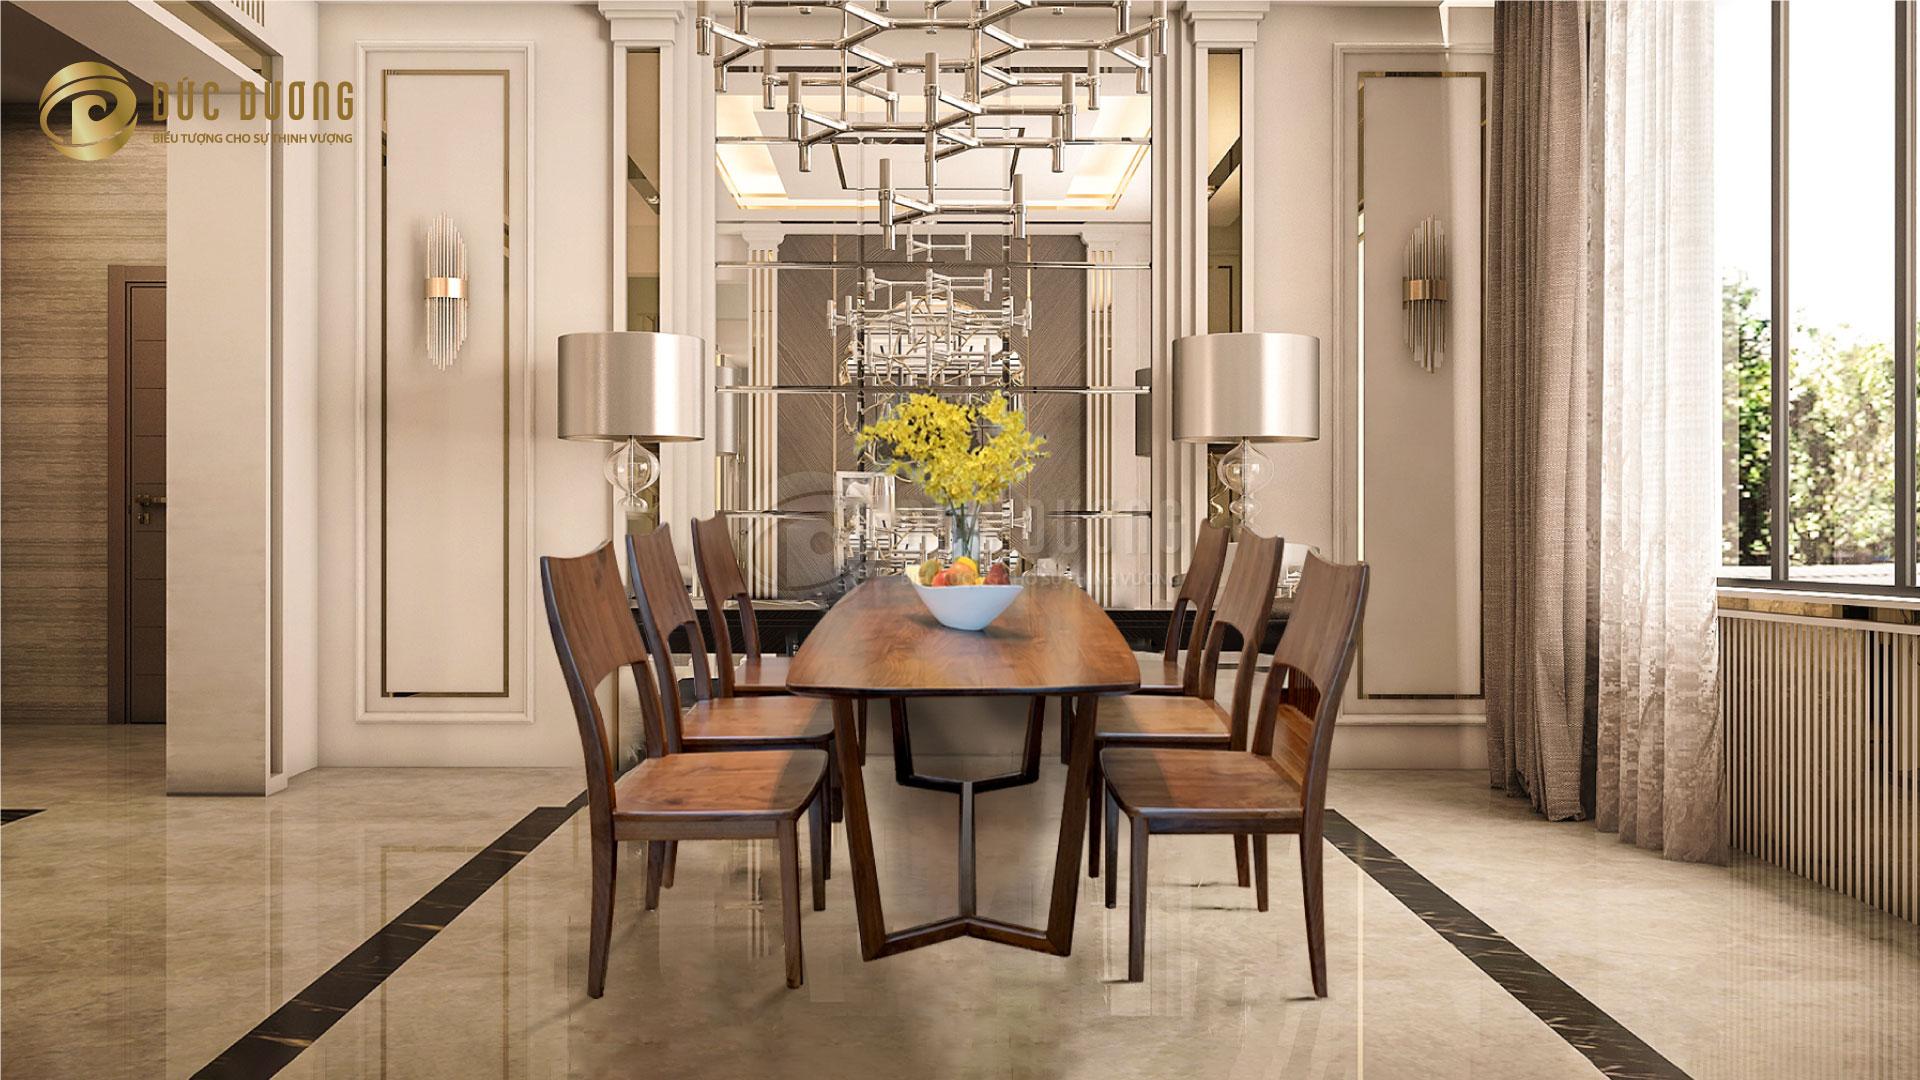 Bàn ghế ăn gỗ óc chó Dior